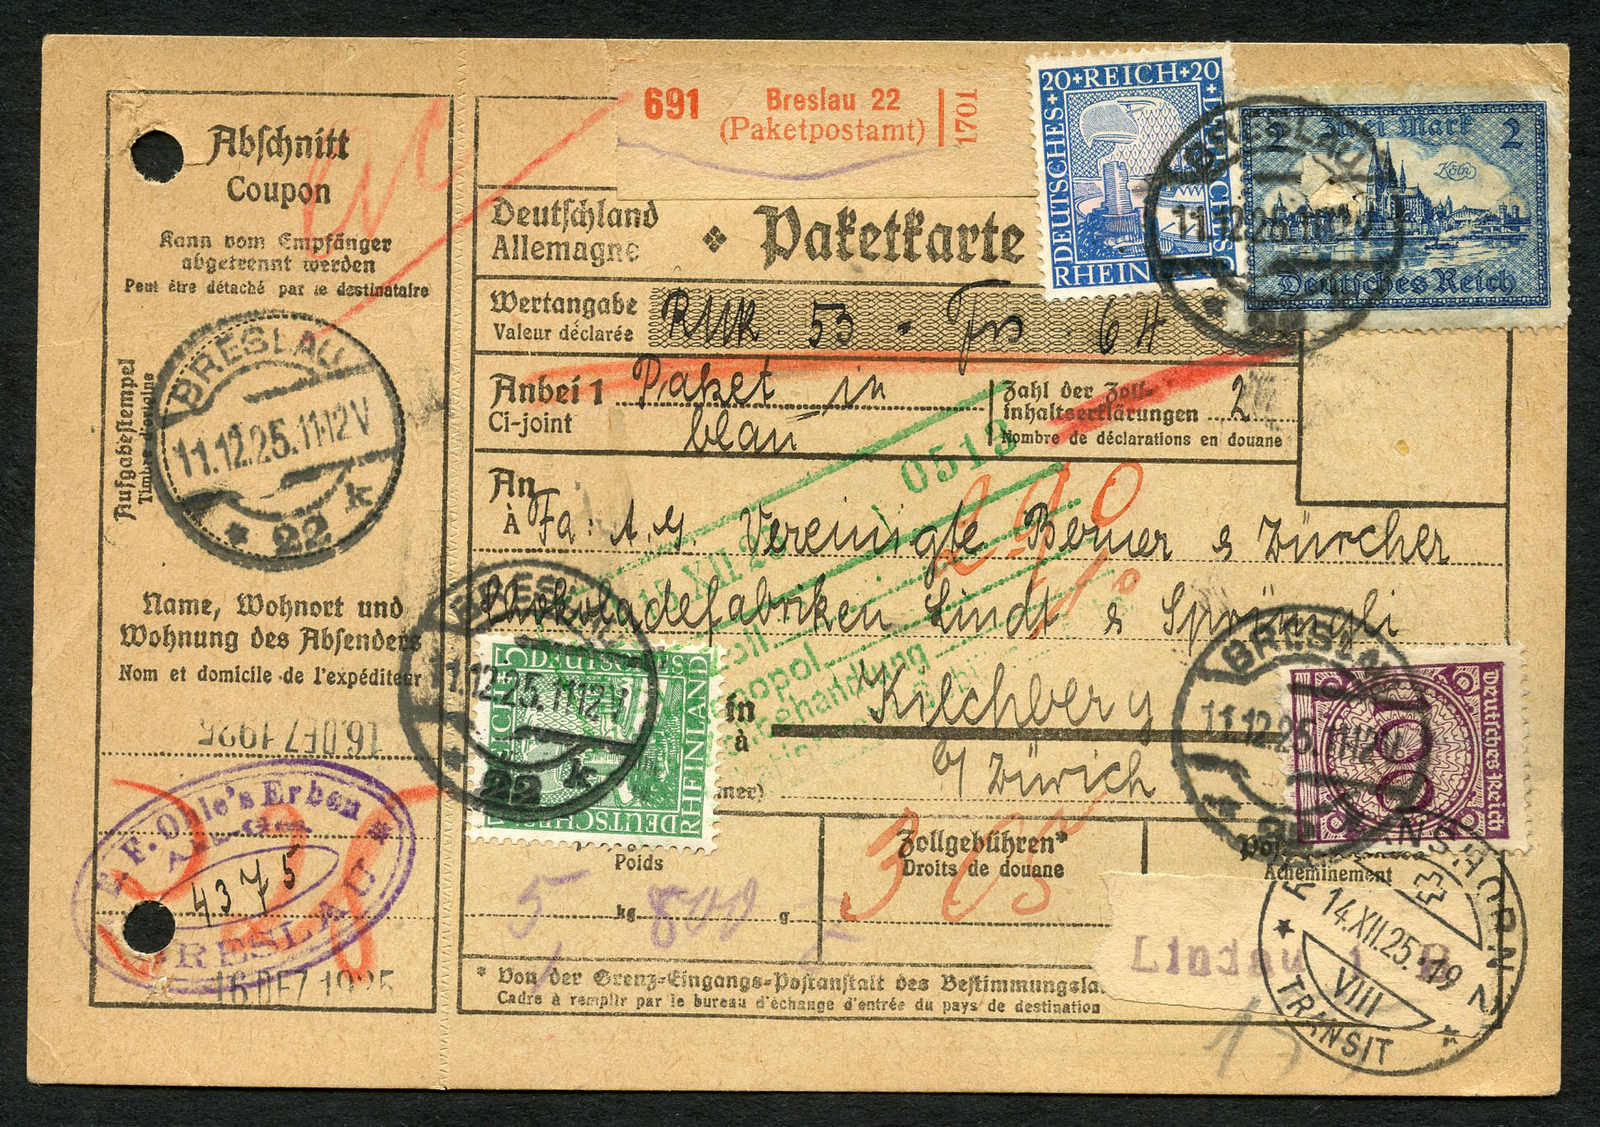 Lot 490 - sammlungen und posten sammlungen und posten deutschland -  Schwarzenbach Auktion Zurich 67th Auction - Session II